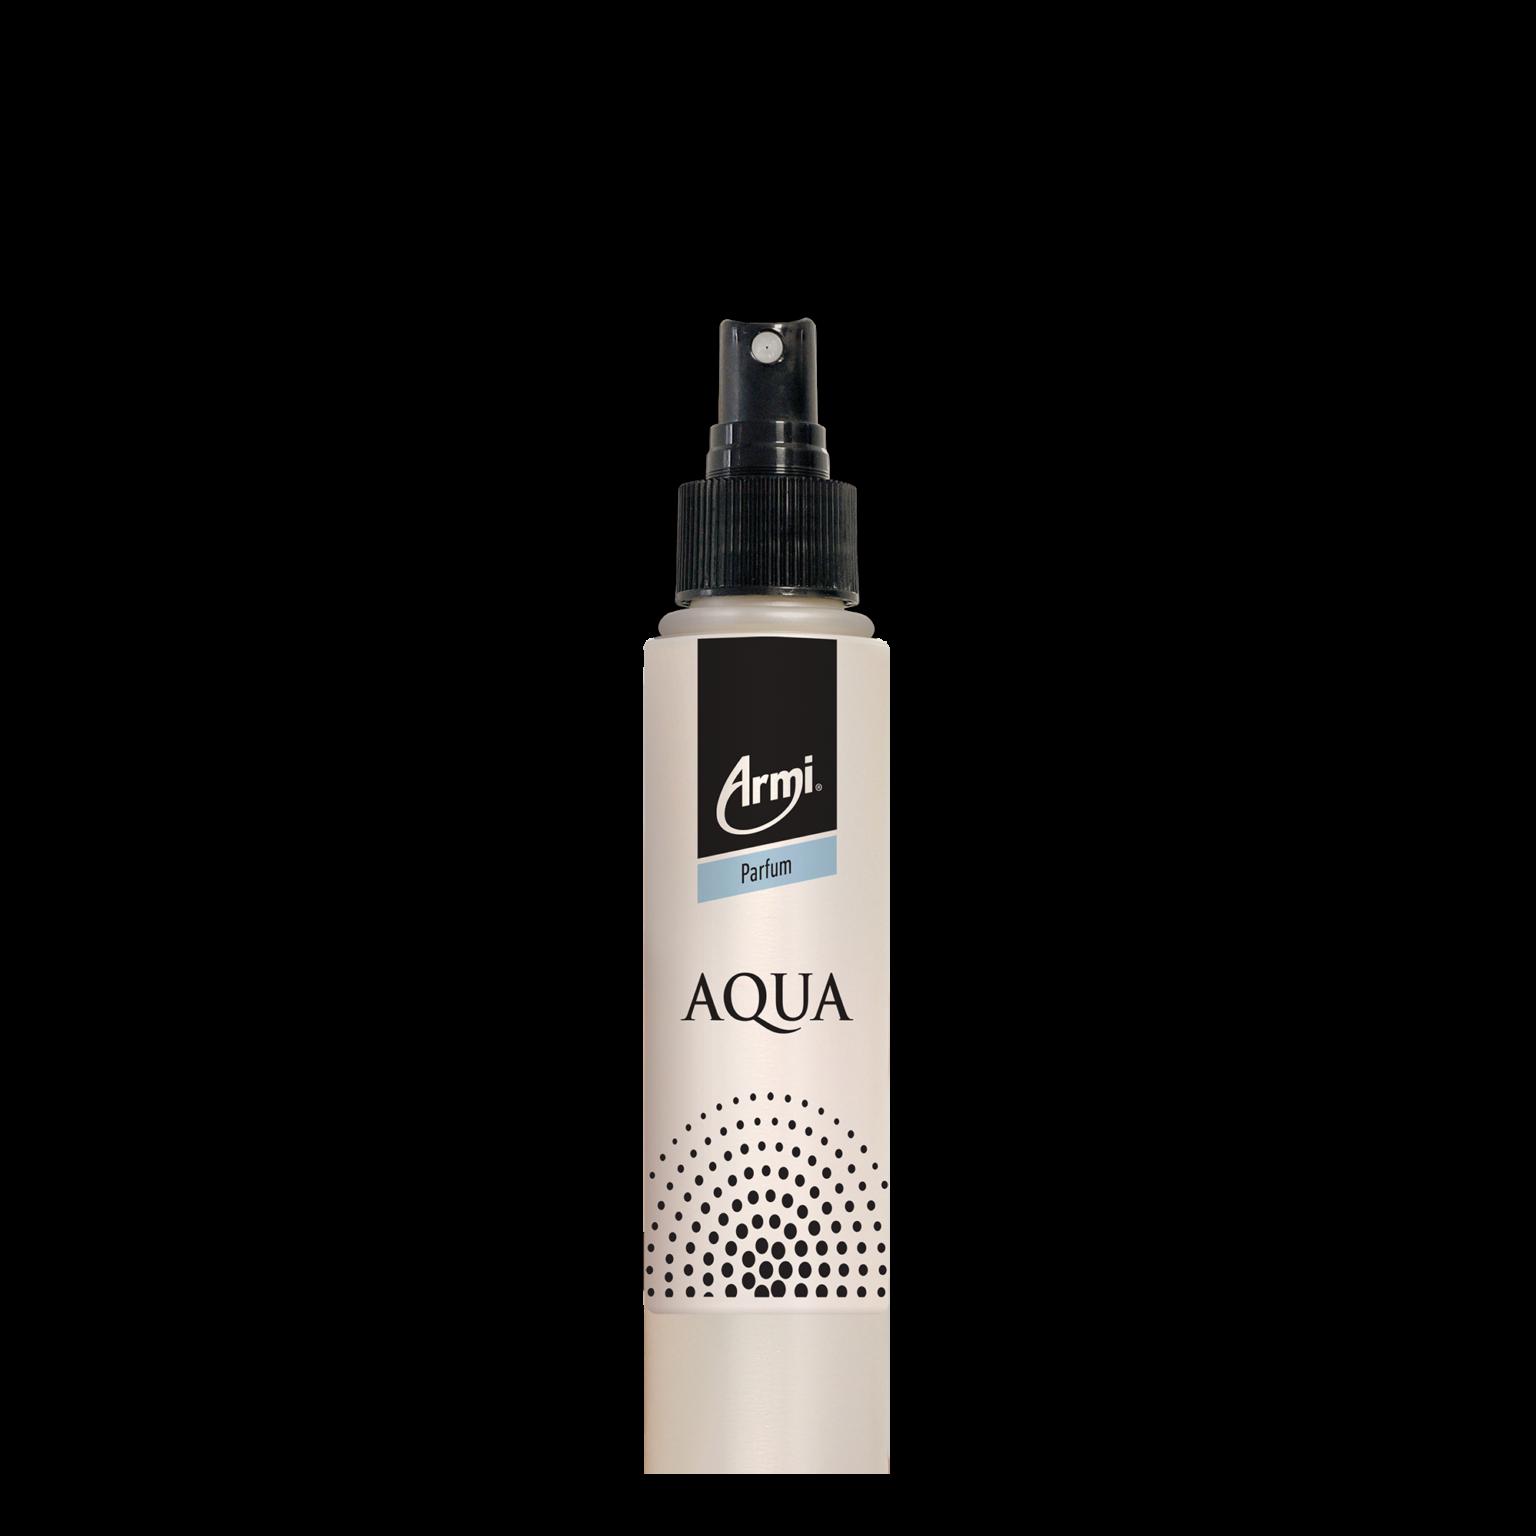 Perfume Aqua de Armi